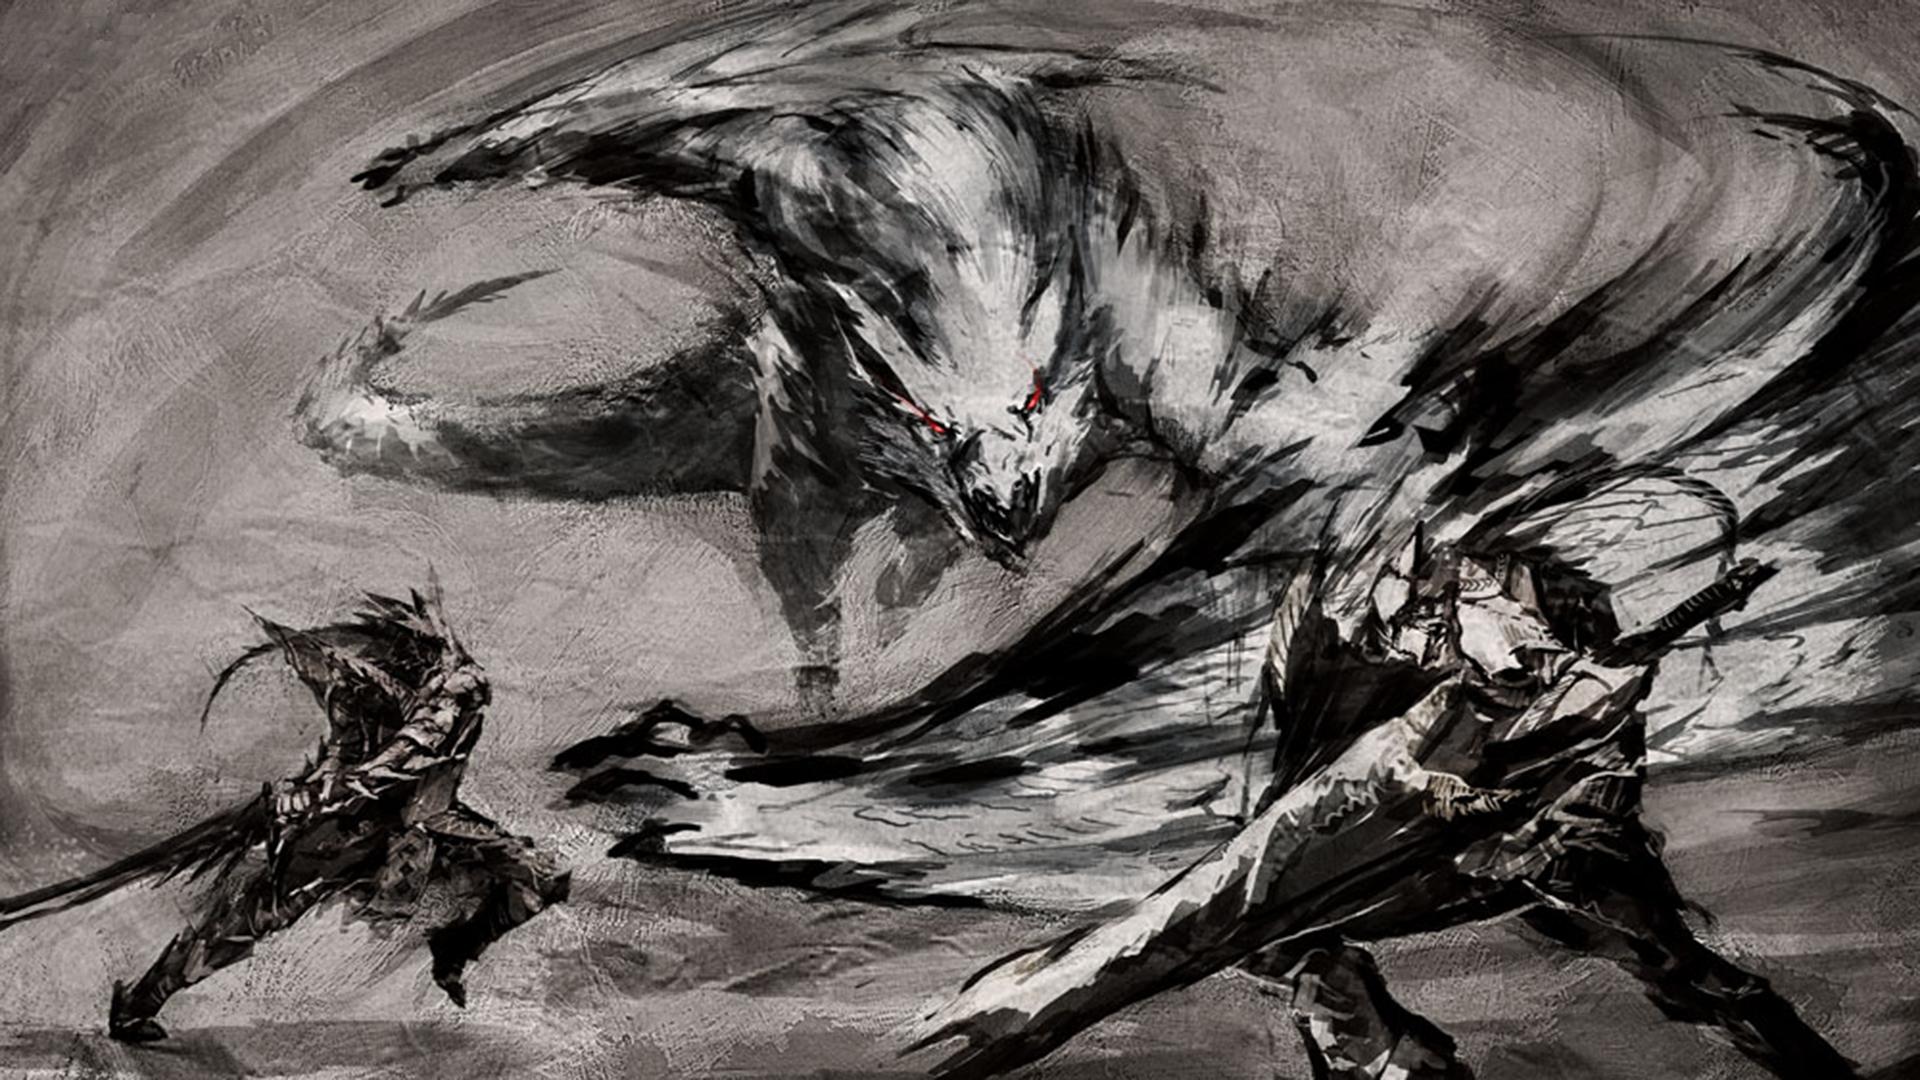 monster_hunter-14.jpg